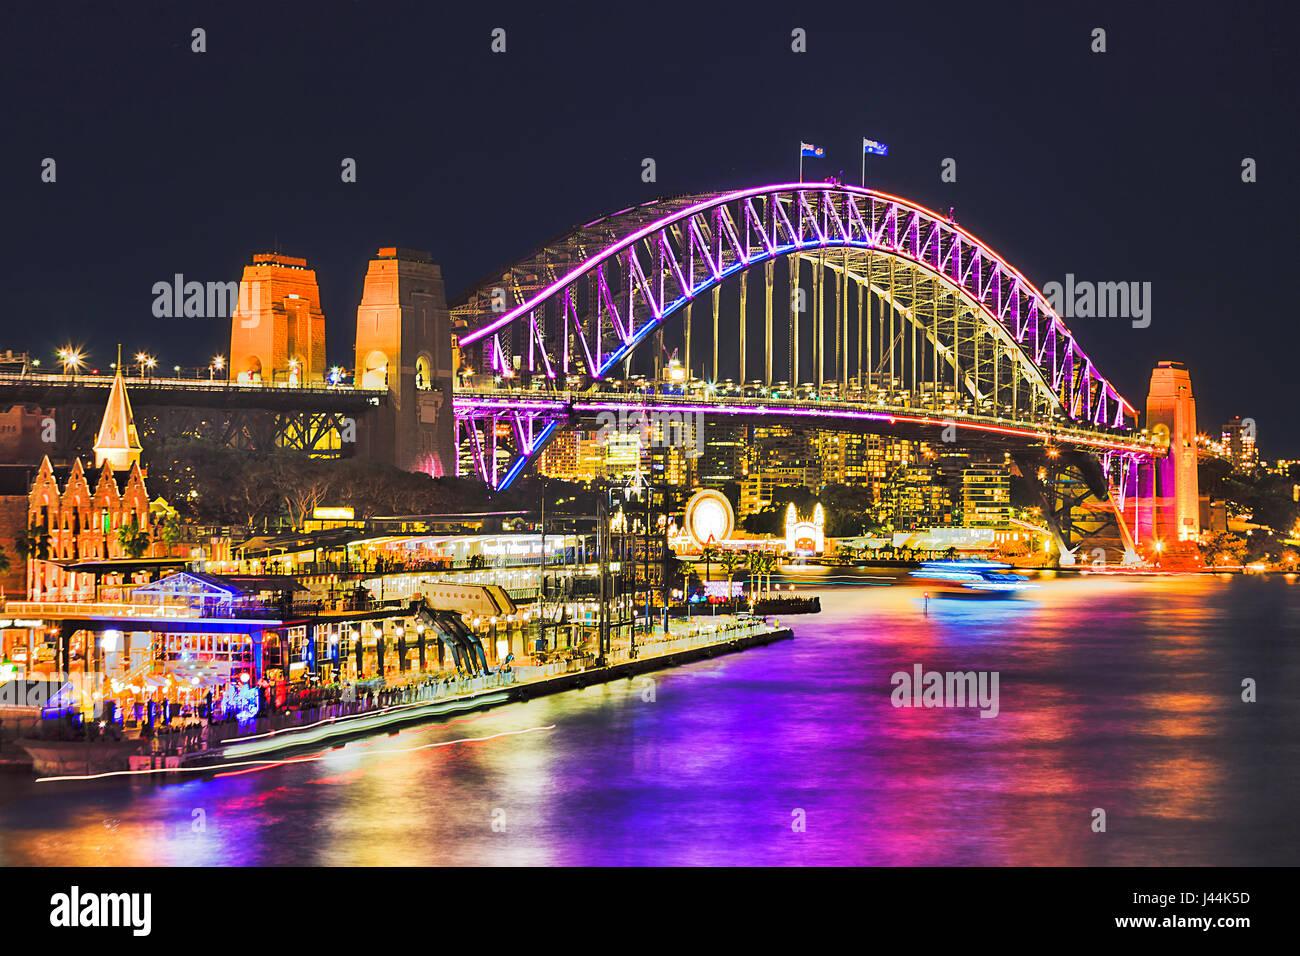 Enorme arcata del ponte del Porto di Sydney illuminato durante la luce annuale mostra Sydney vivid festival di Sydney. Immagini Stock